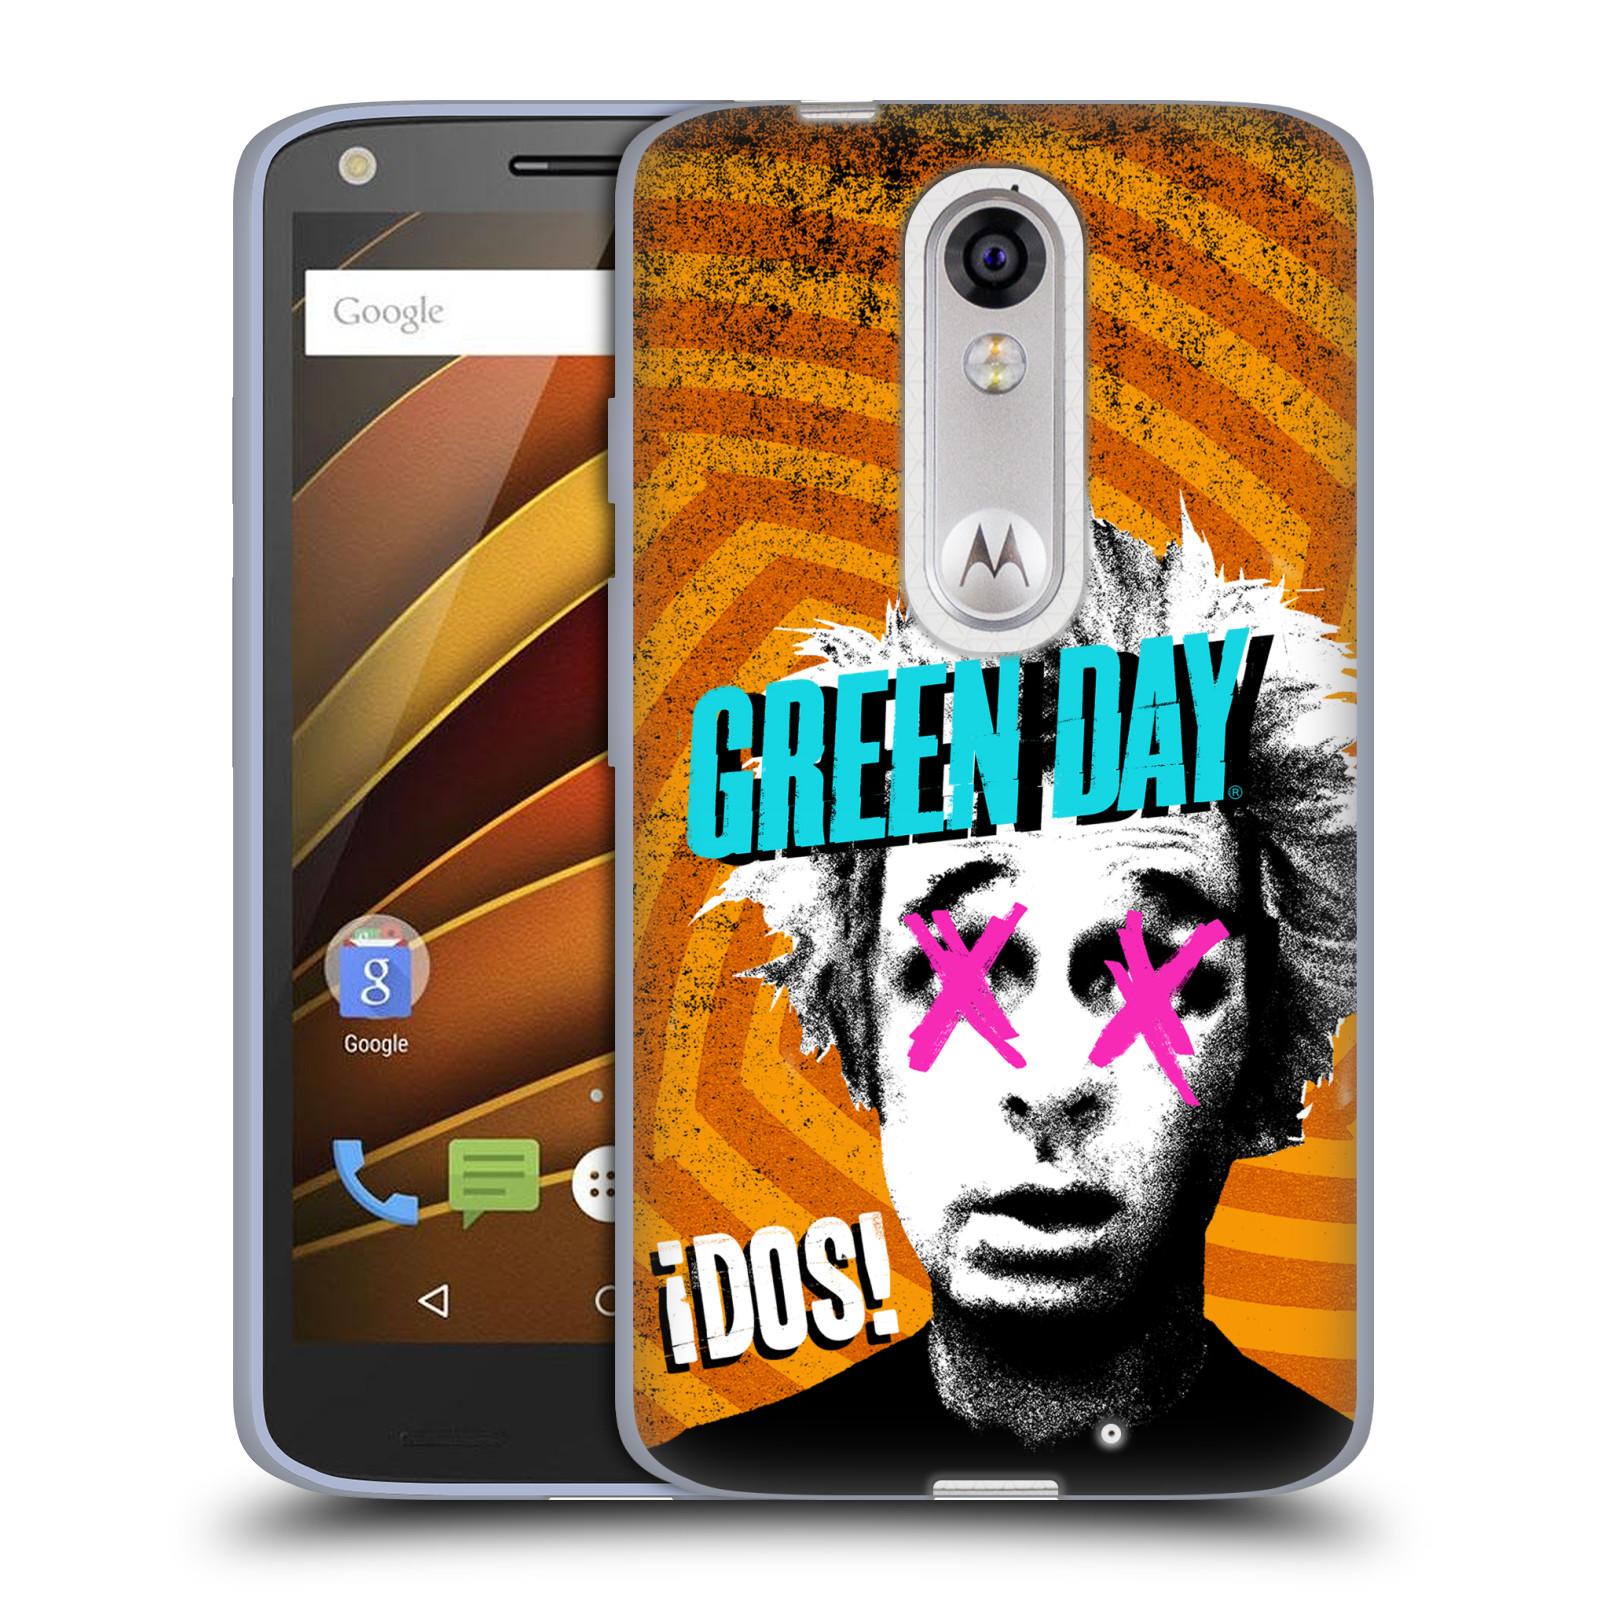 Silikonové pouzdro na mobil Lenovo Moto X Force HEAD CASE Green Day - Dos (Silikonový kryt či obal na mobilní telefon licencovaným motivem Green Day pro Lenovo Moto X Force (Motorola))